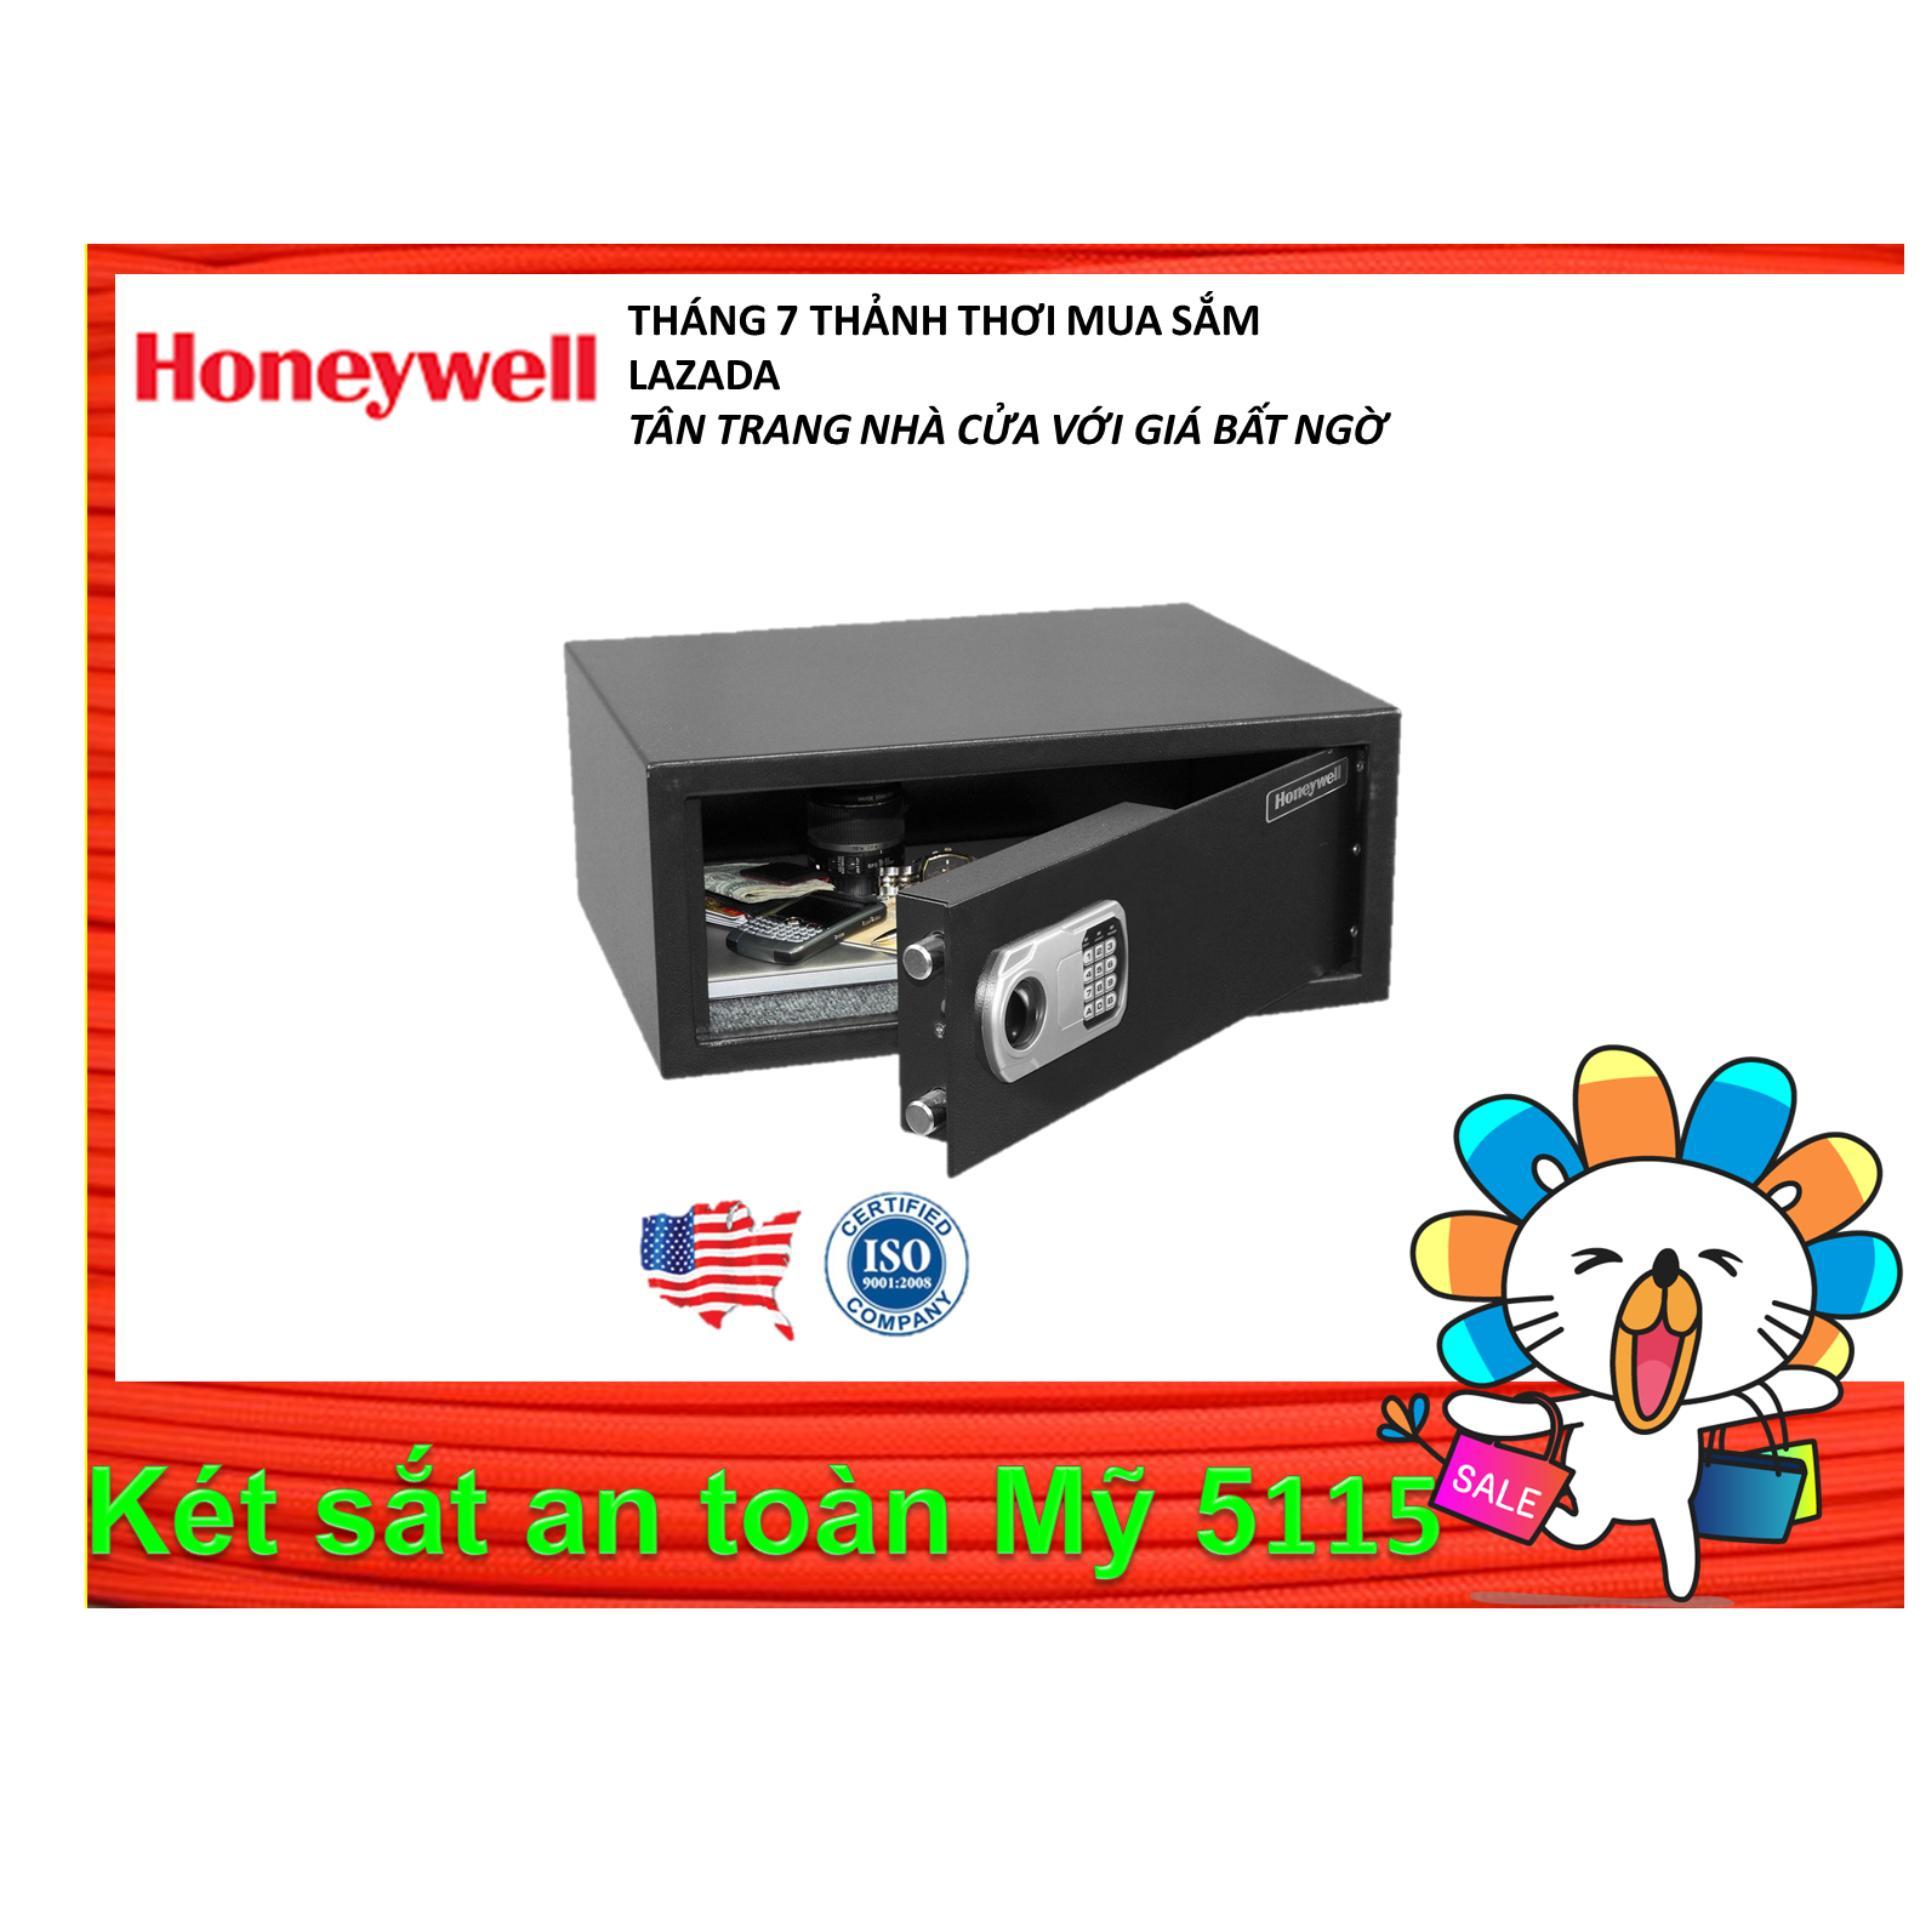 Két sắt an toàn Honeywell 5115 khoá điện tử ( Mỹ )